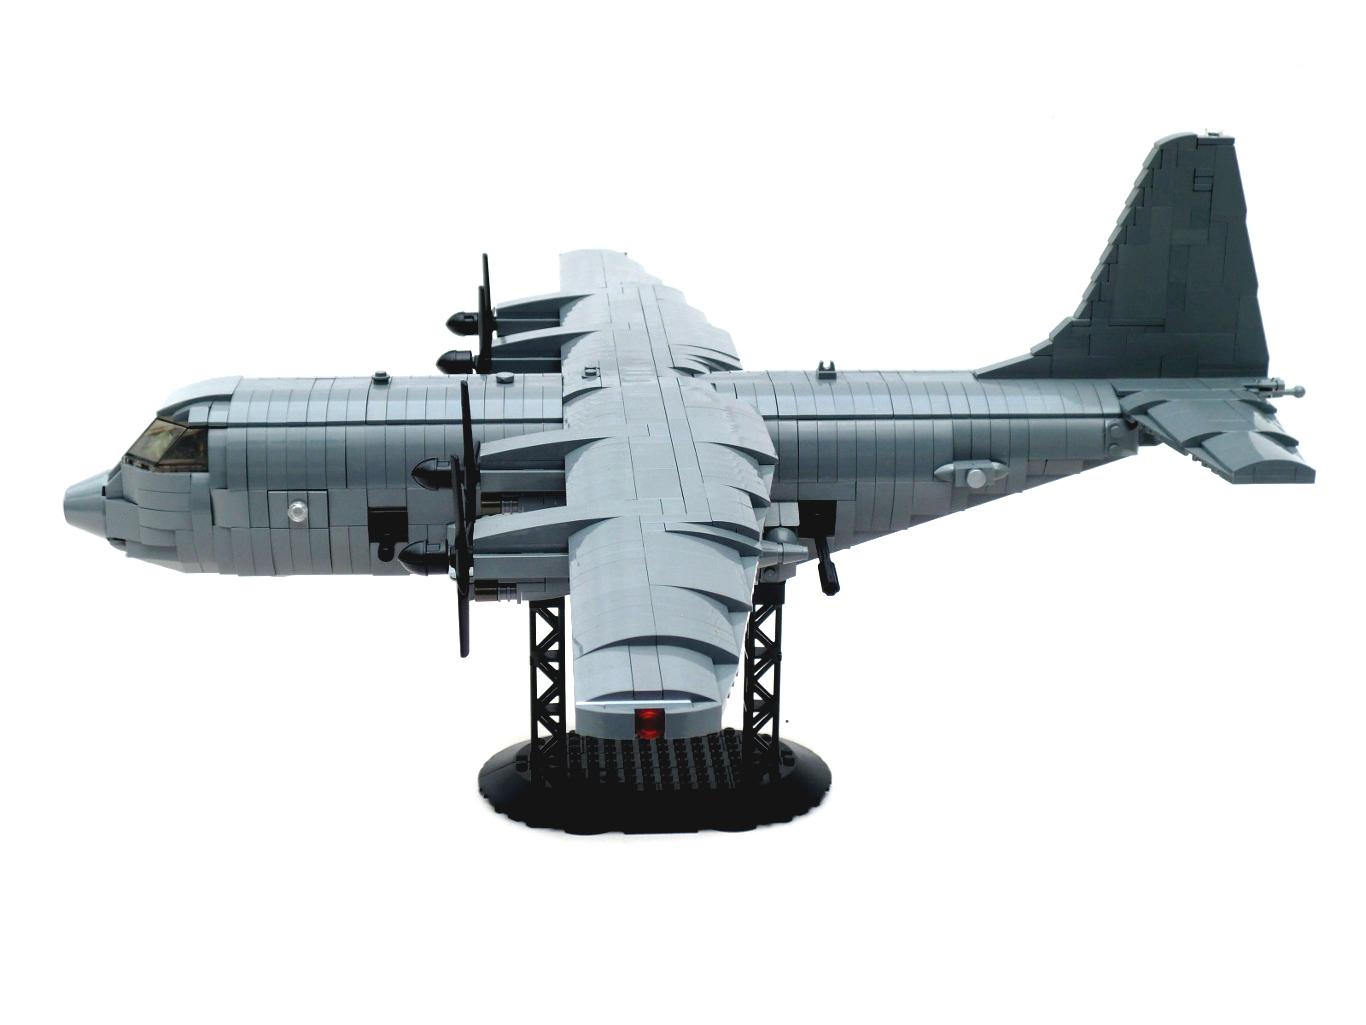 AC-130U Spooky II